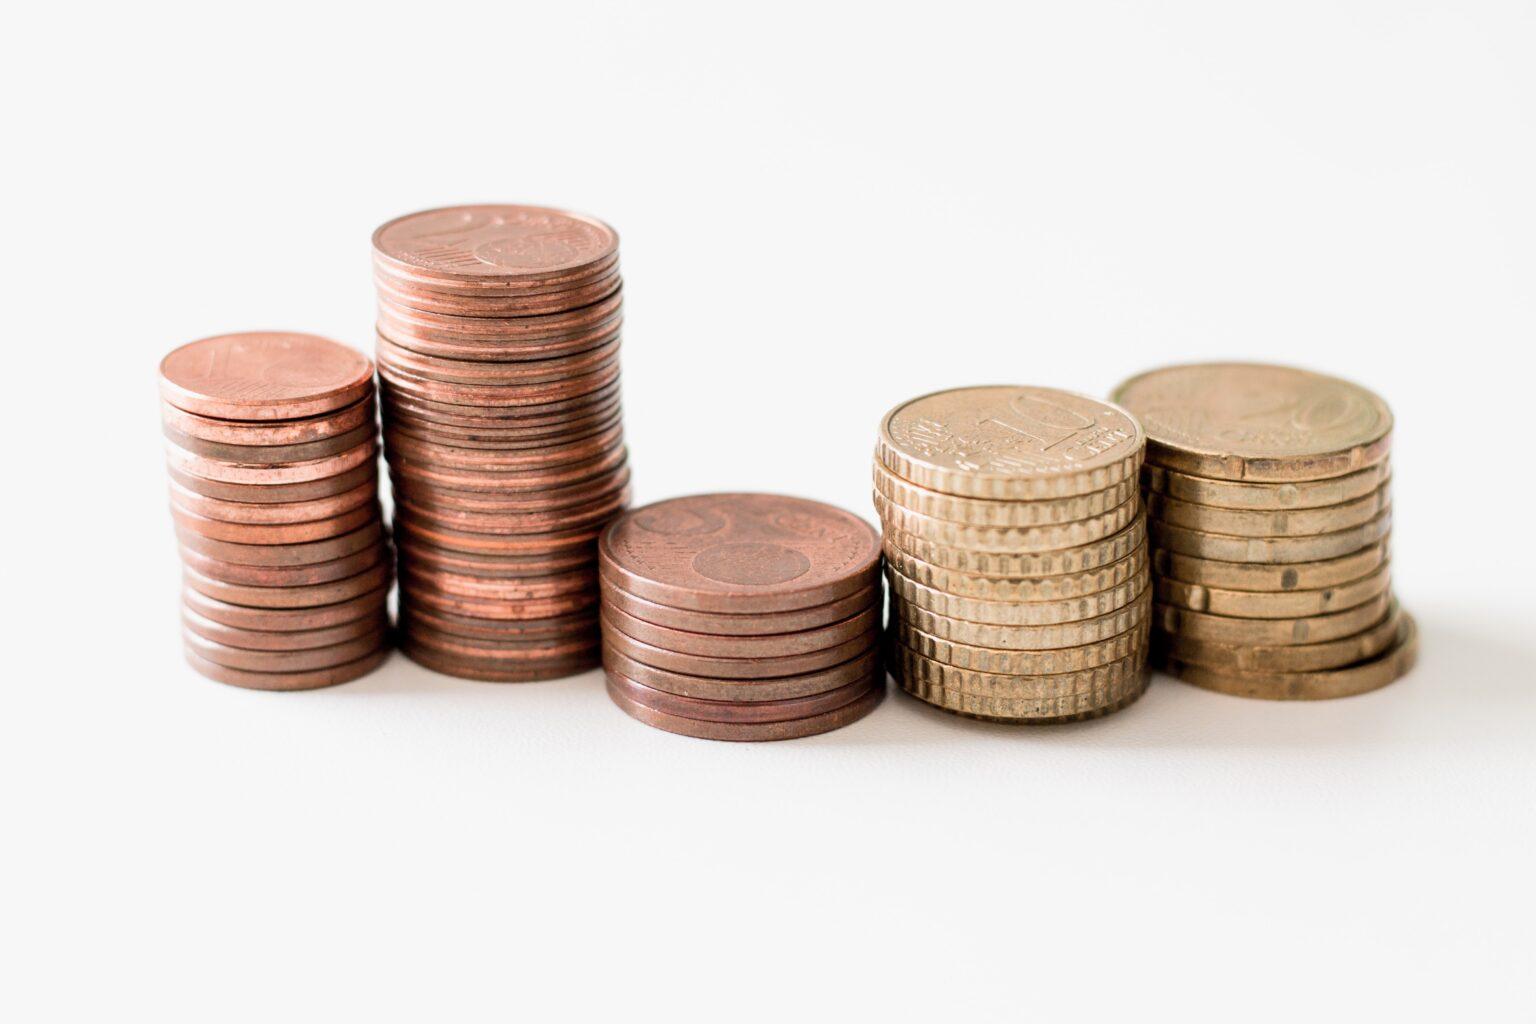 Horizonte de investimento: invista de acordo com seus objetivos